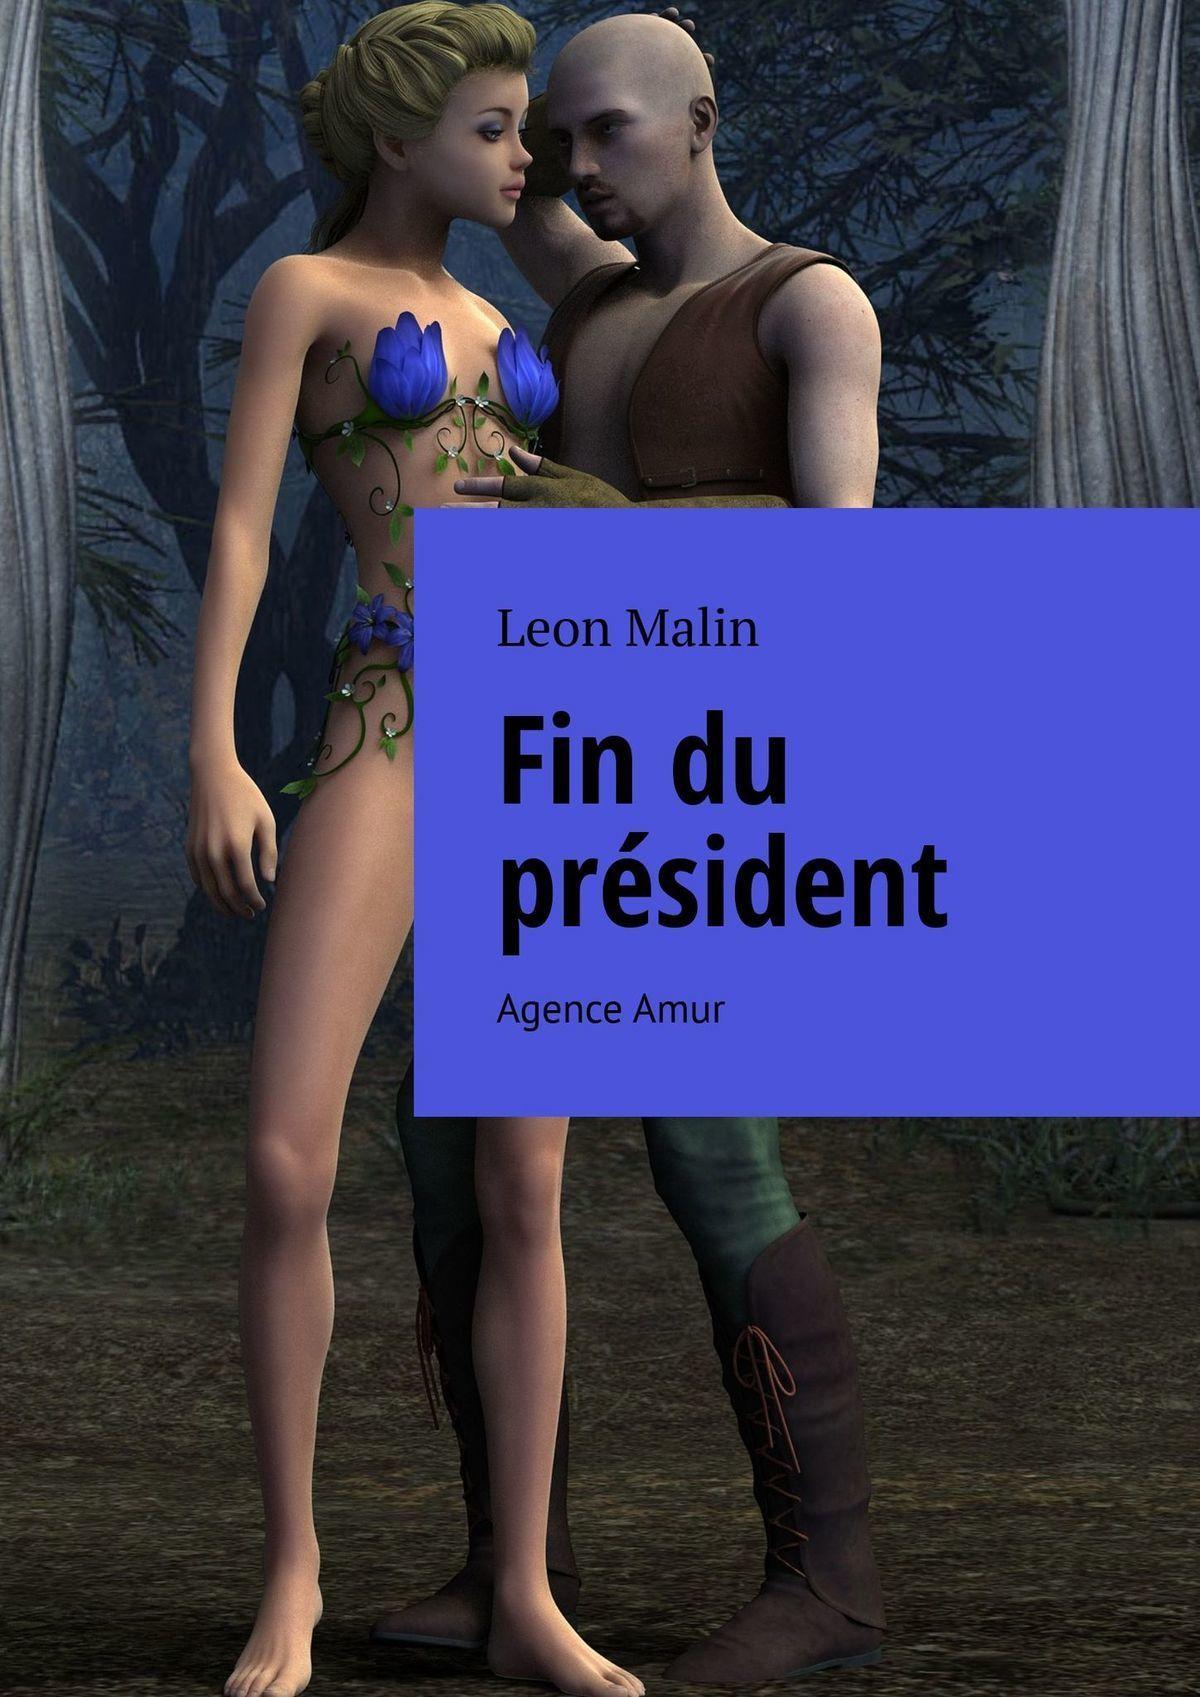 Leon Malin Fin du président. Agence Amur vitaly mushkin sexe du président – 2 membre sans réserve